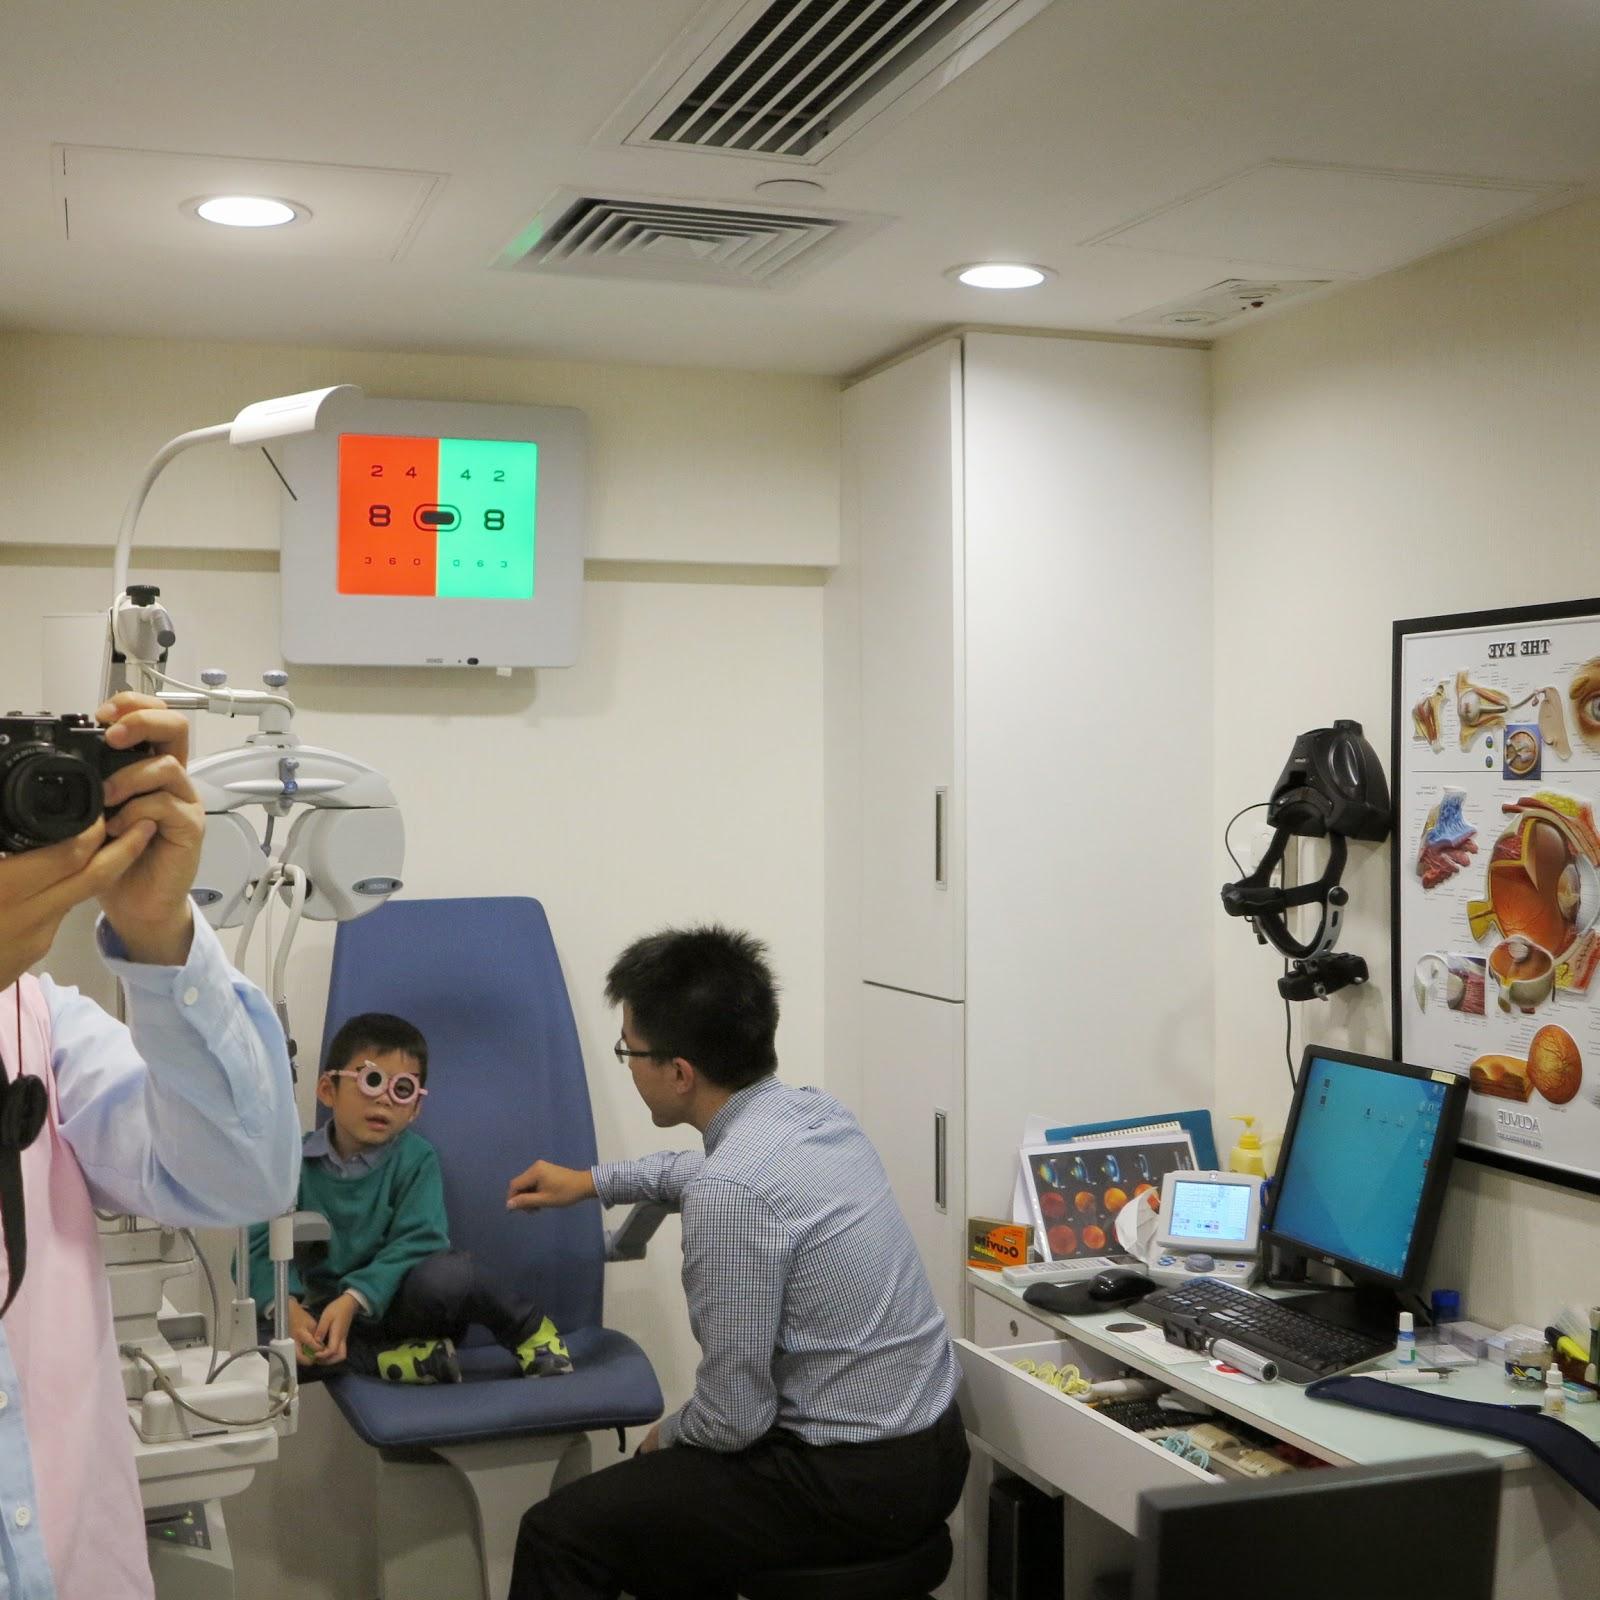 國皇的婚禮: 兒童驗眼視力檢查比較- 眼鏡88專業護眼中心 vs 政府健康院 vs 理工大學